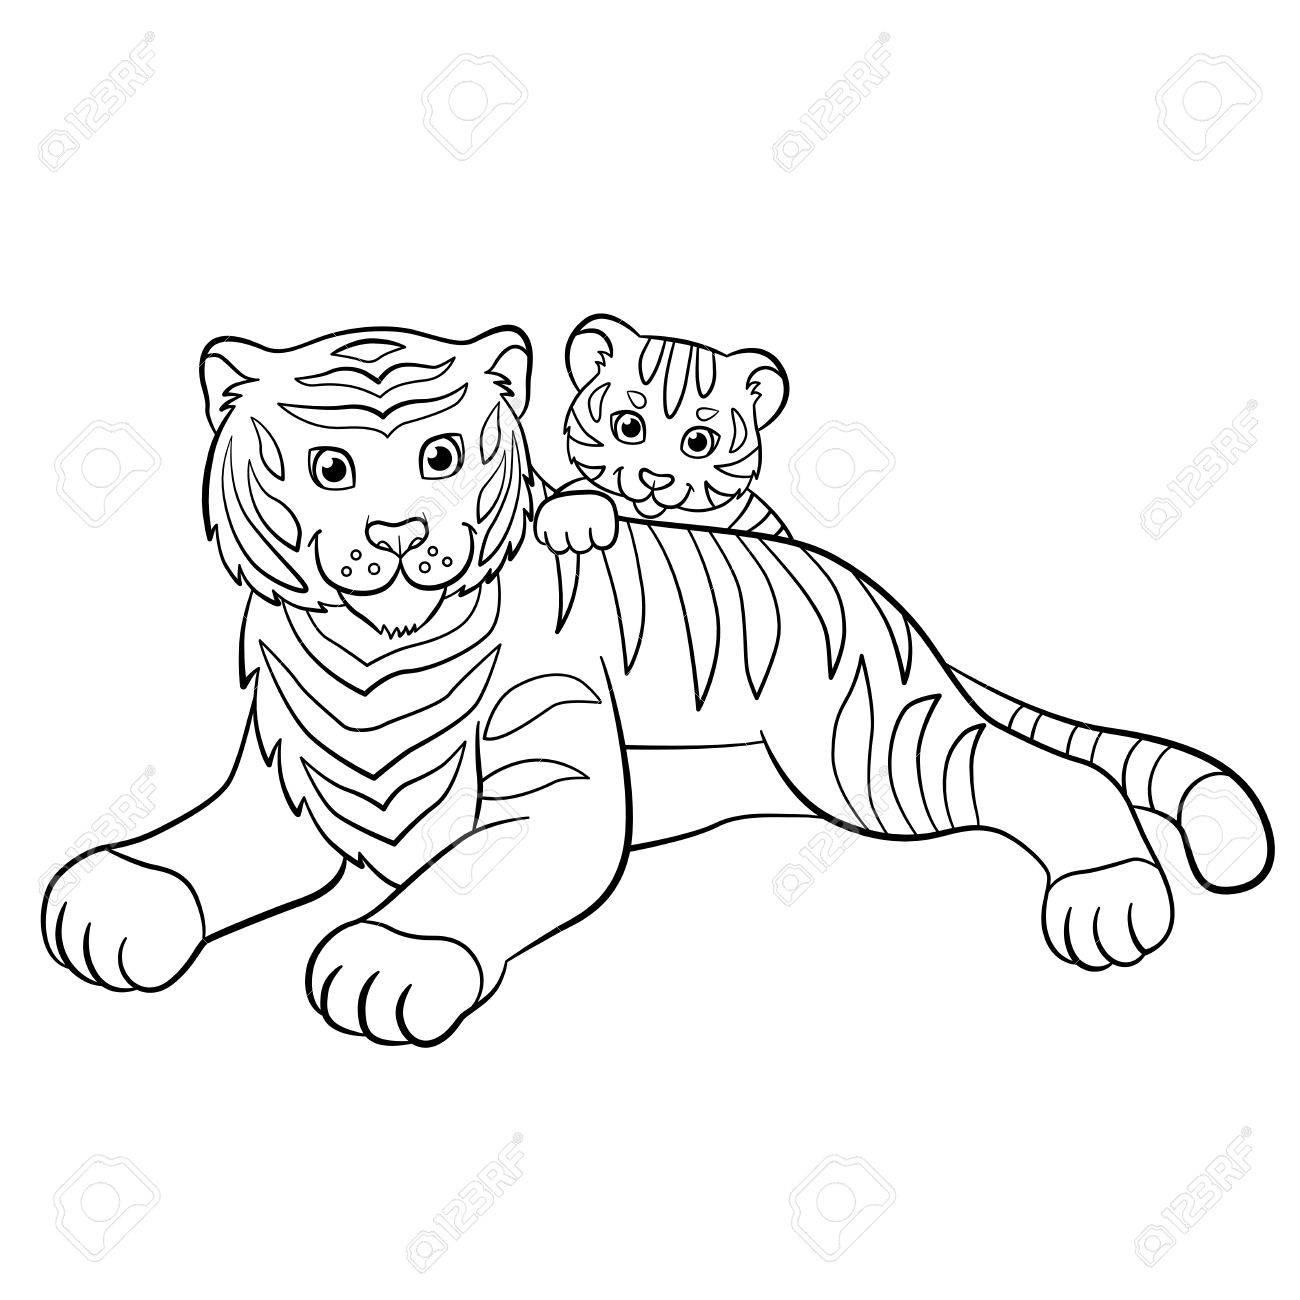 Malvorlagen. Wilde Tiere. Lächelnd Mutter Tiger Mit Ihrem Kleinen ...